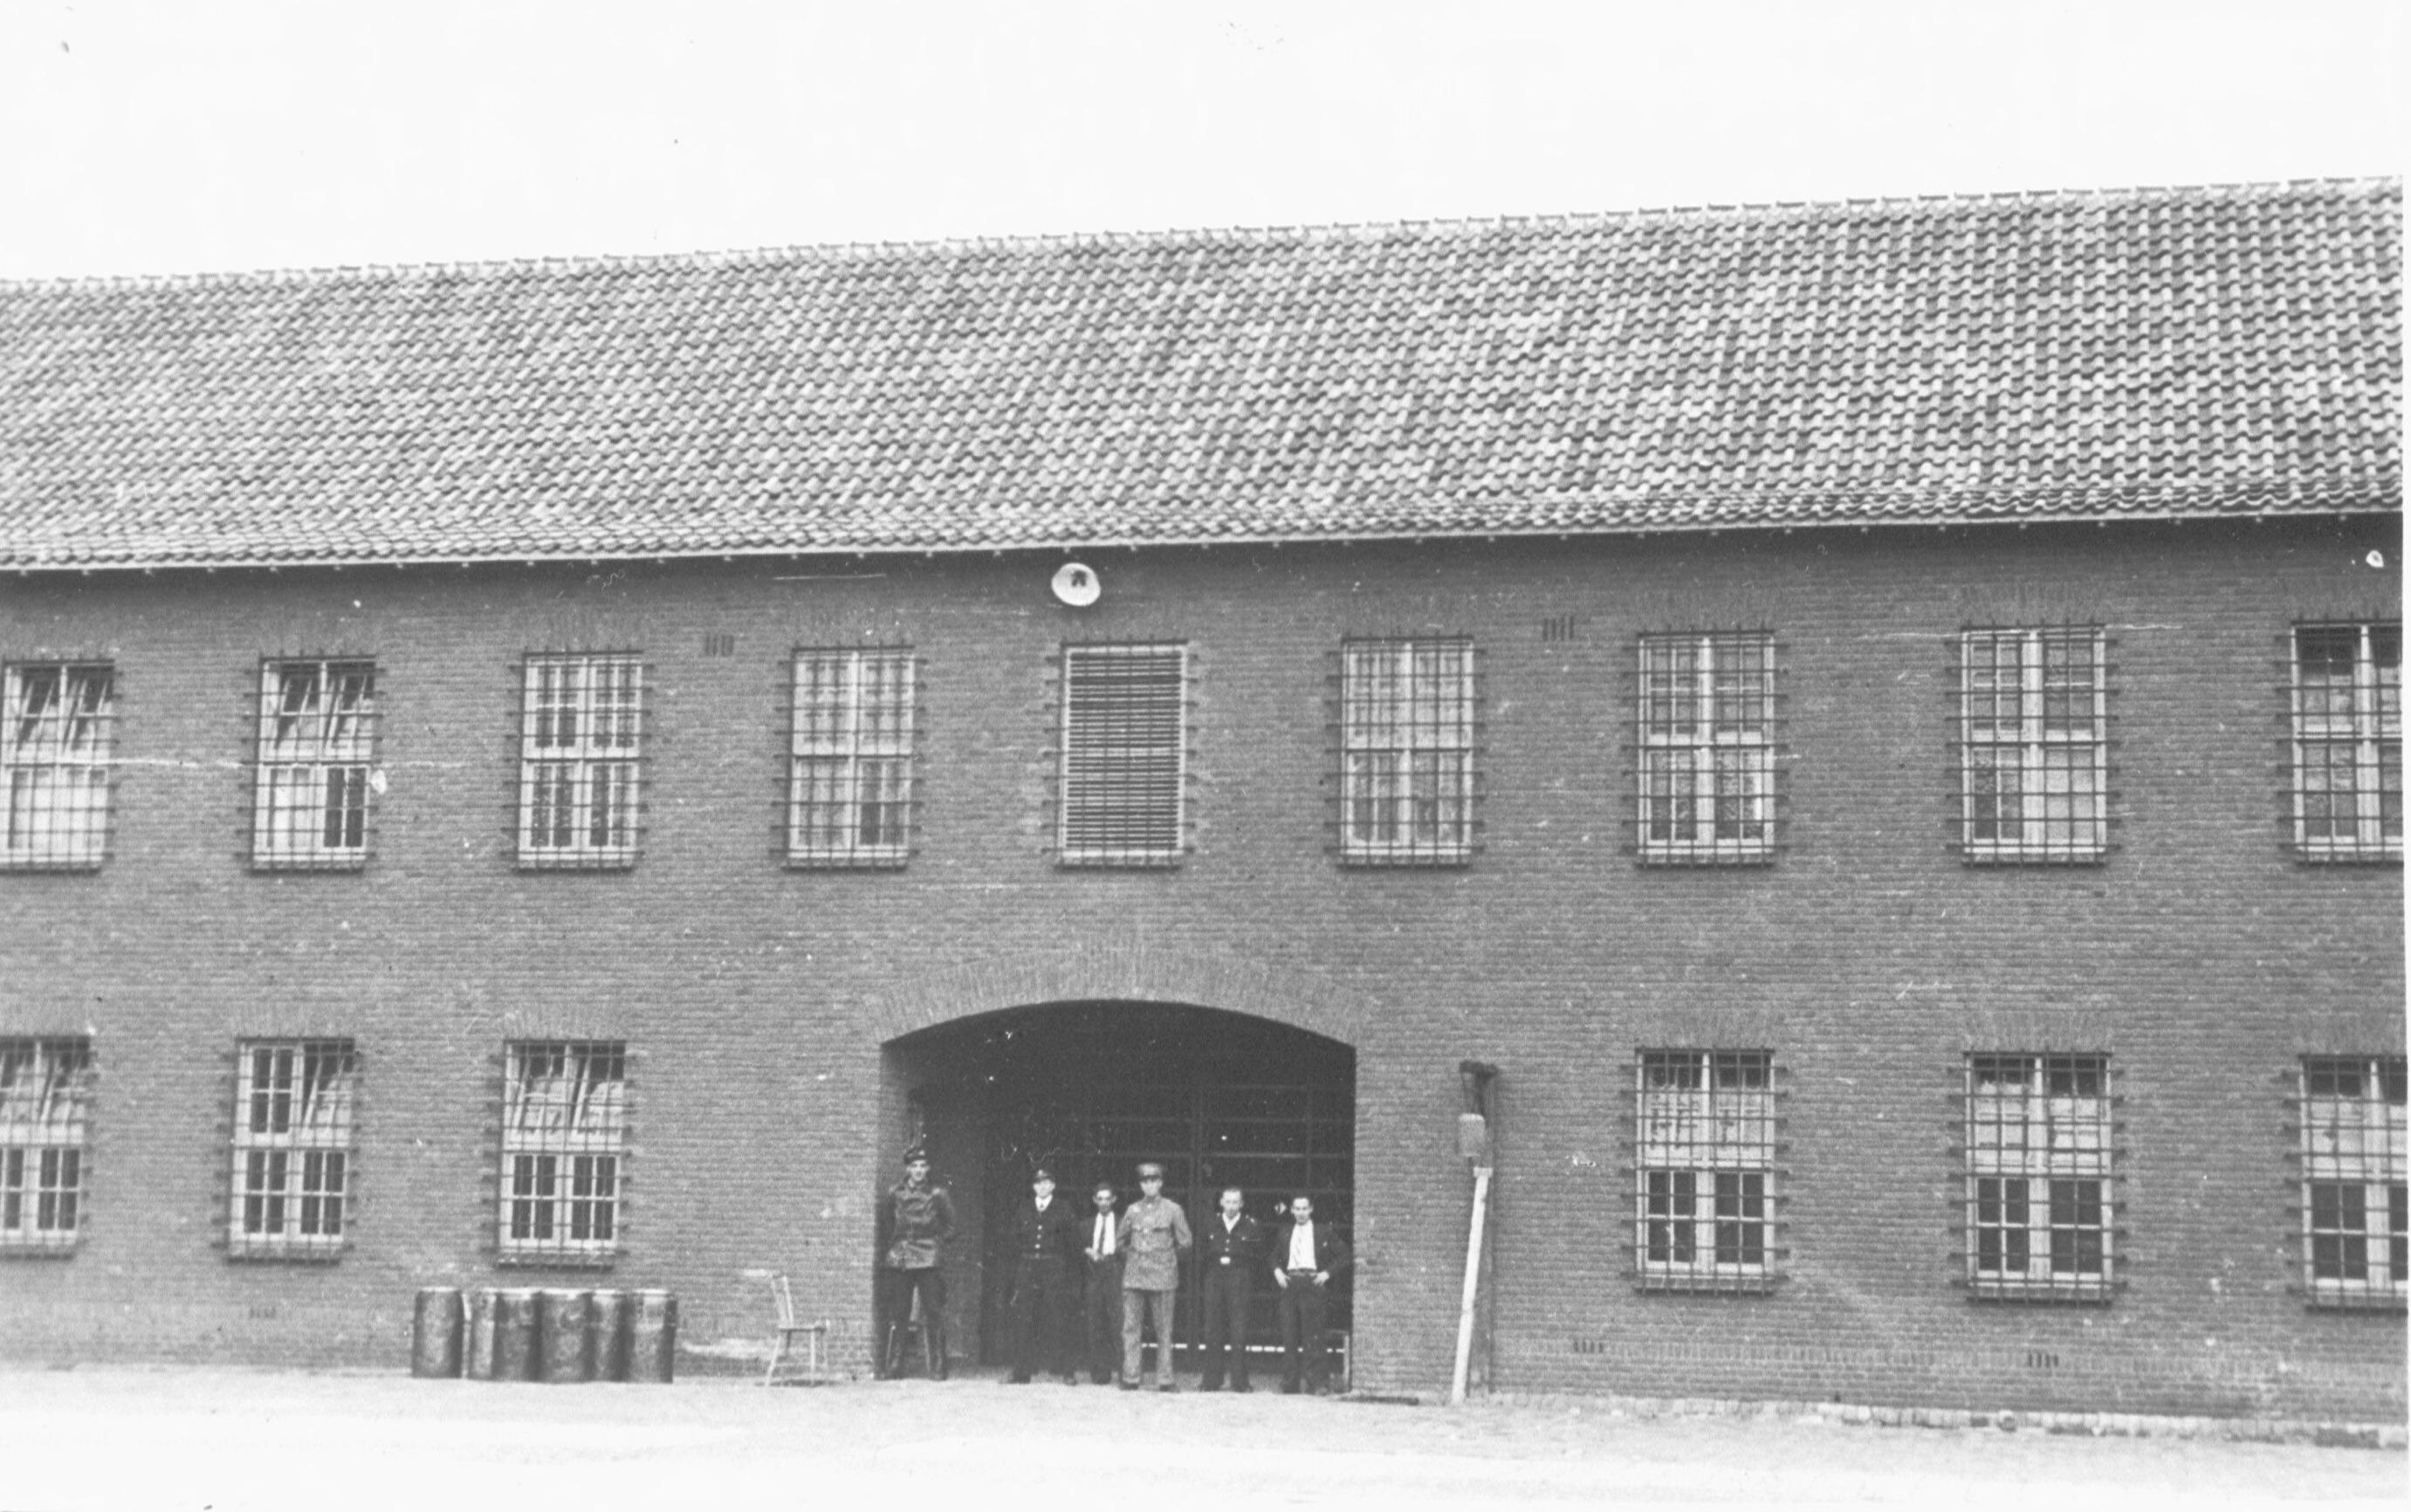 Gevangenis de Bunk in Kamp Vught